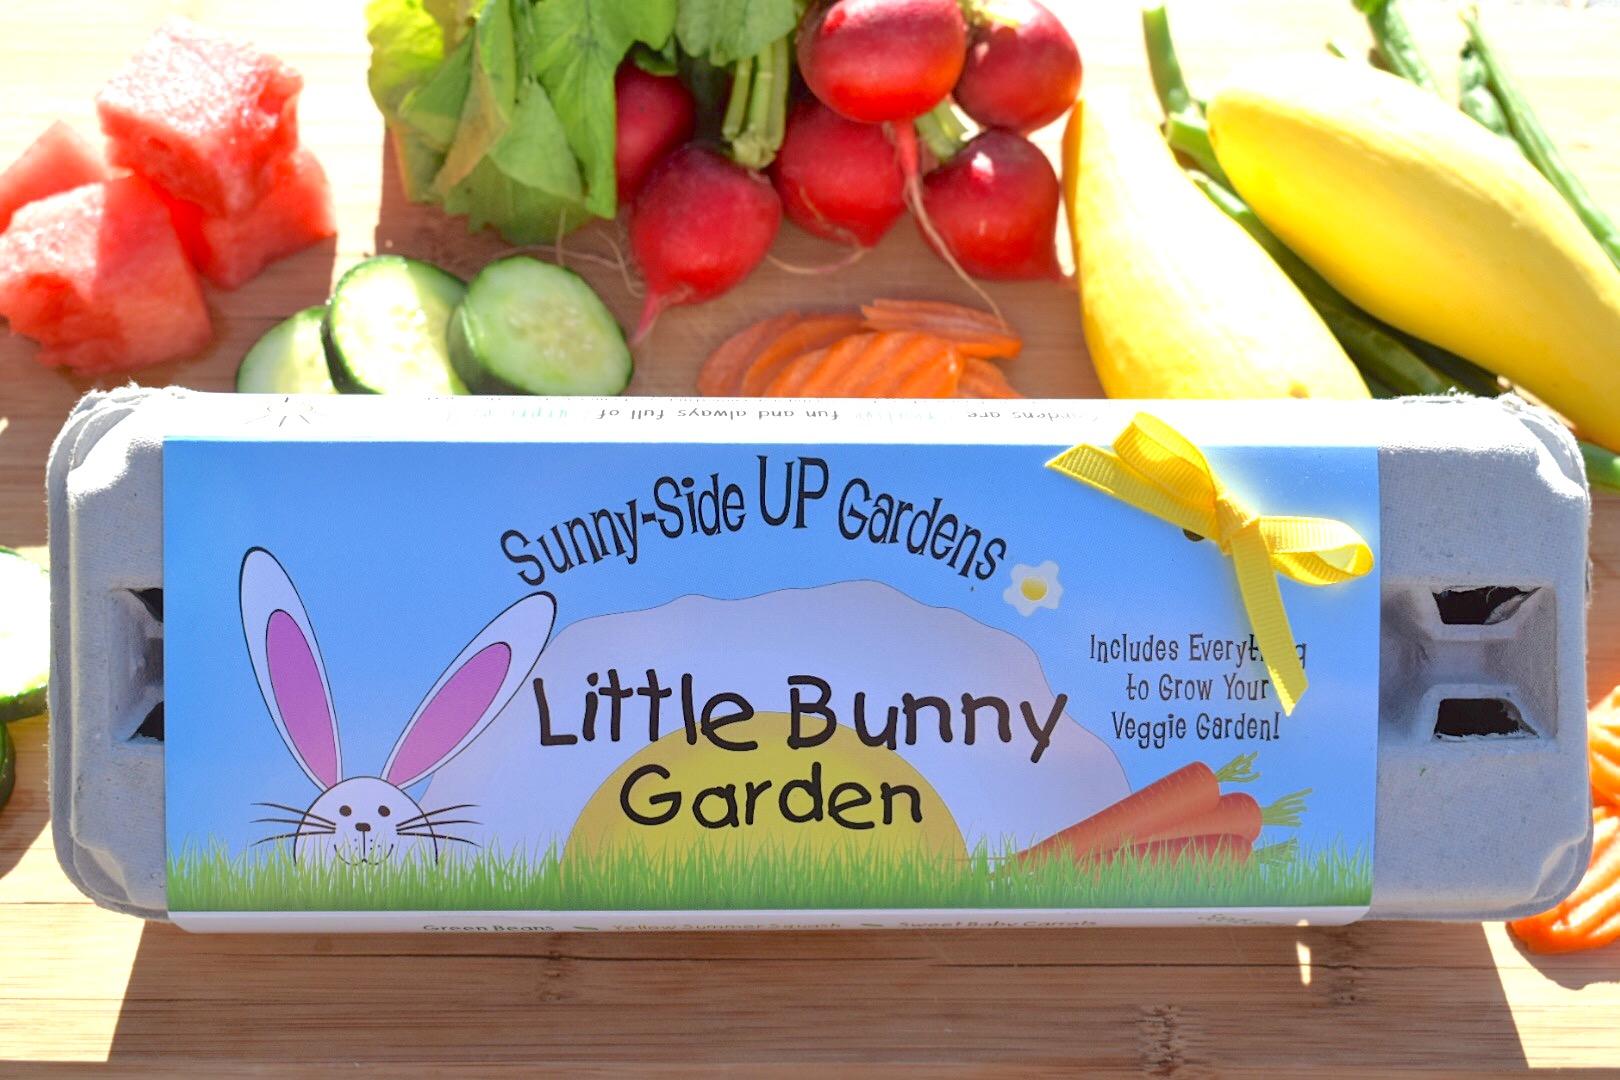 Backyard Safari Sunny-Side Up Little Bunny Garden